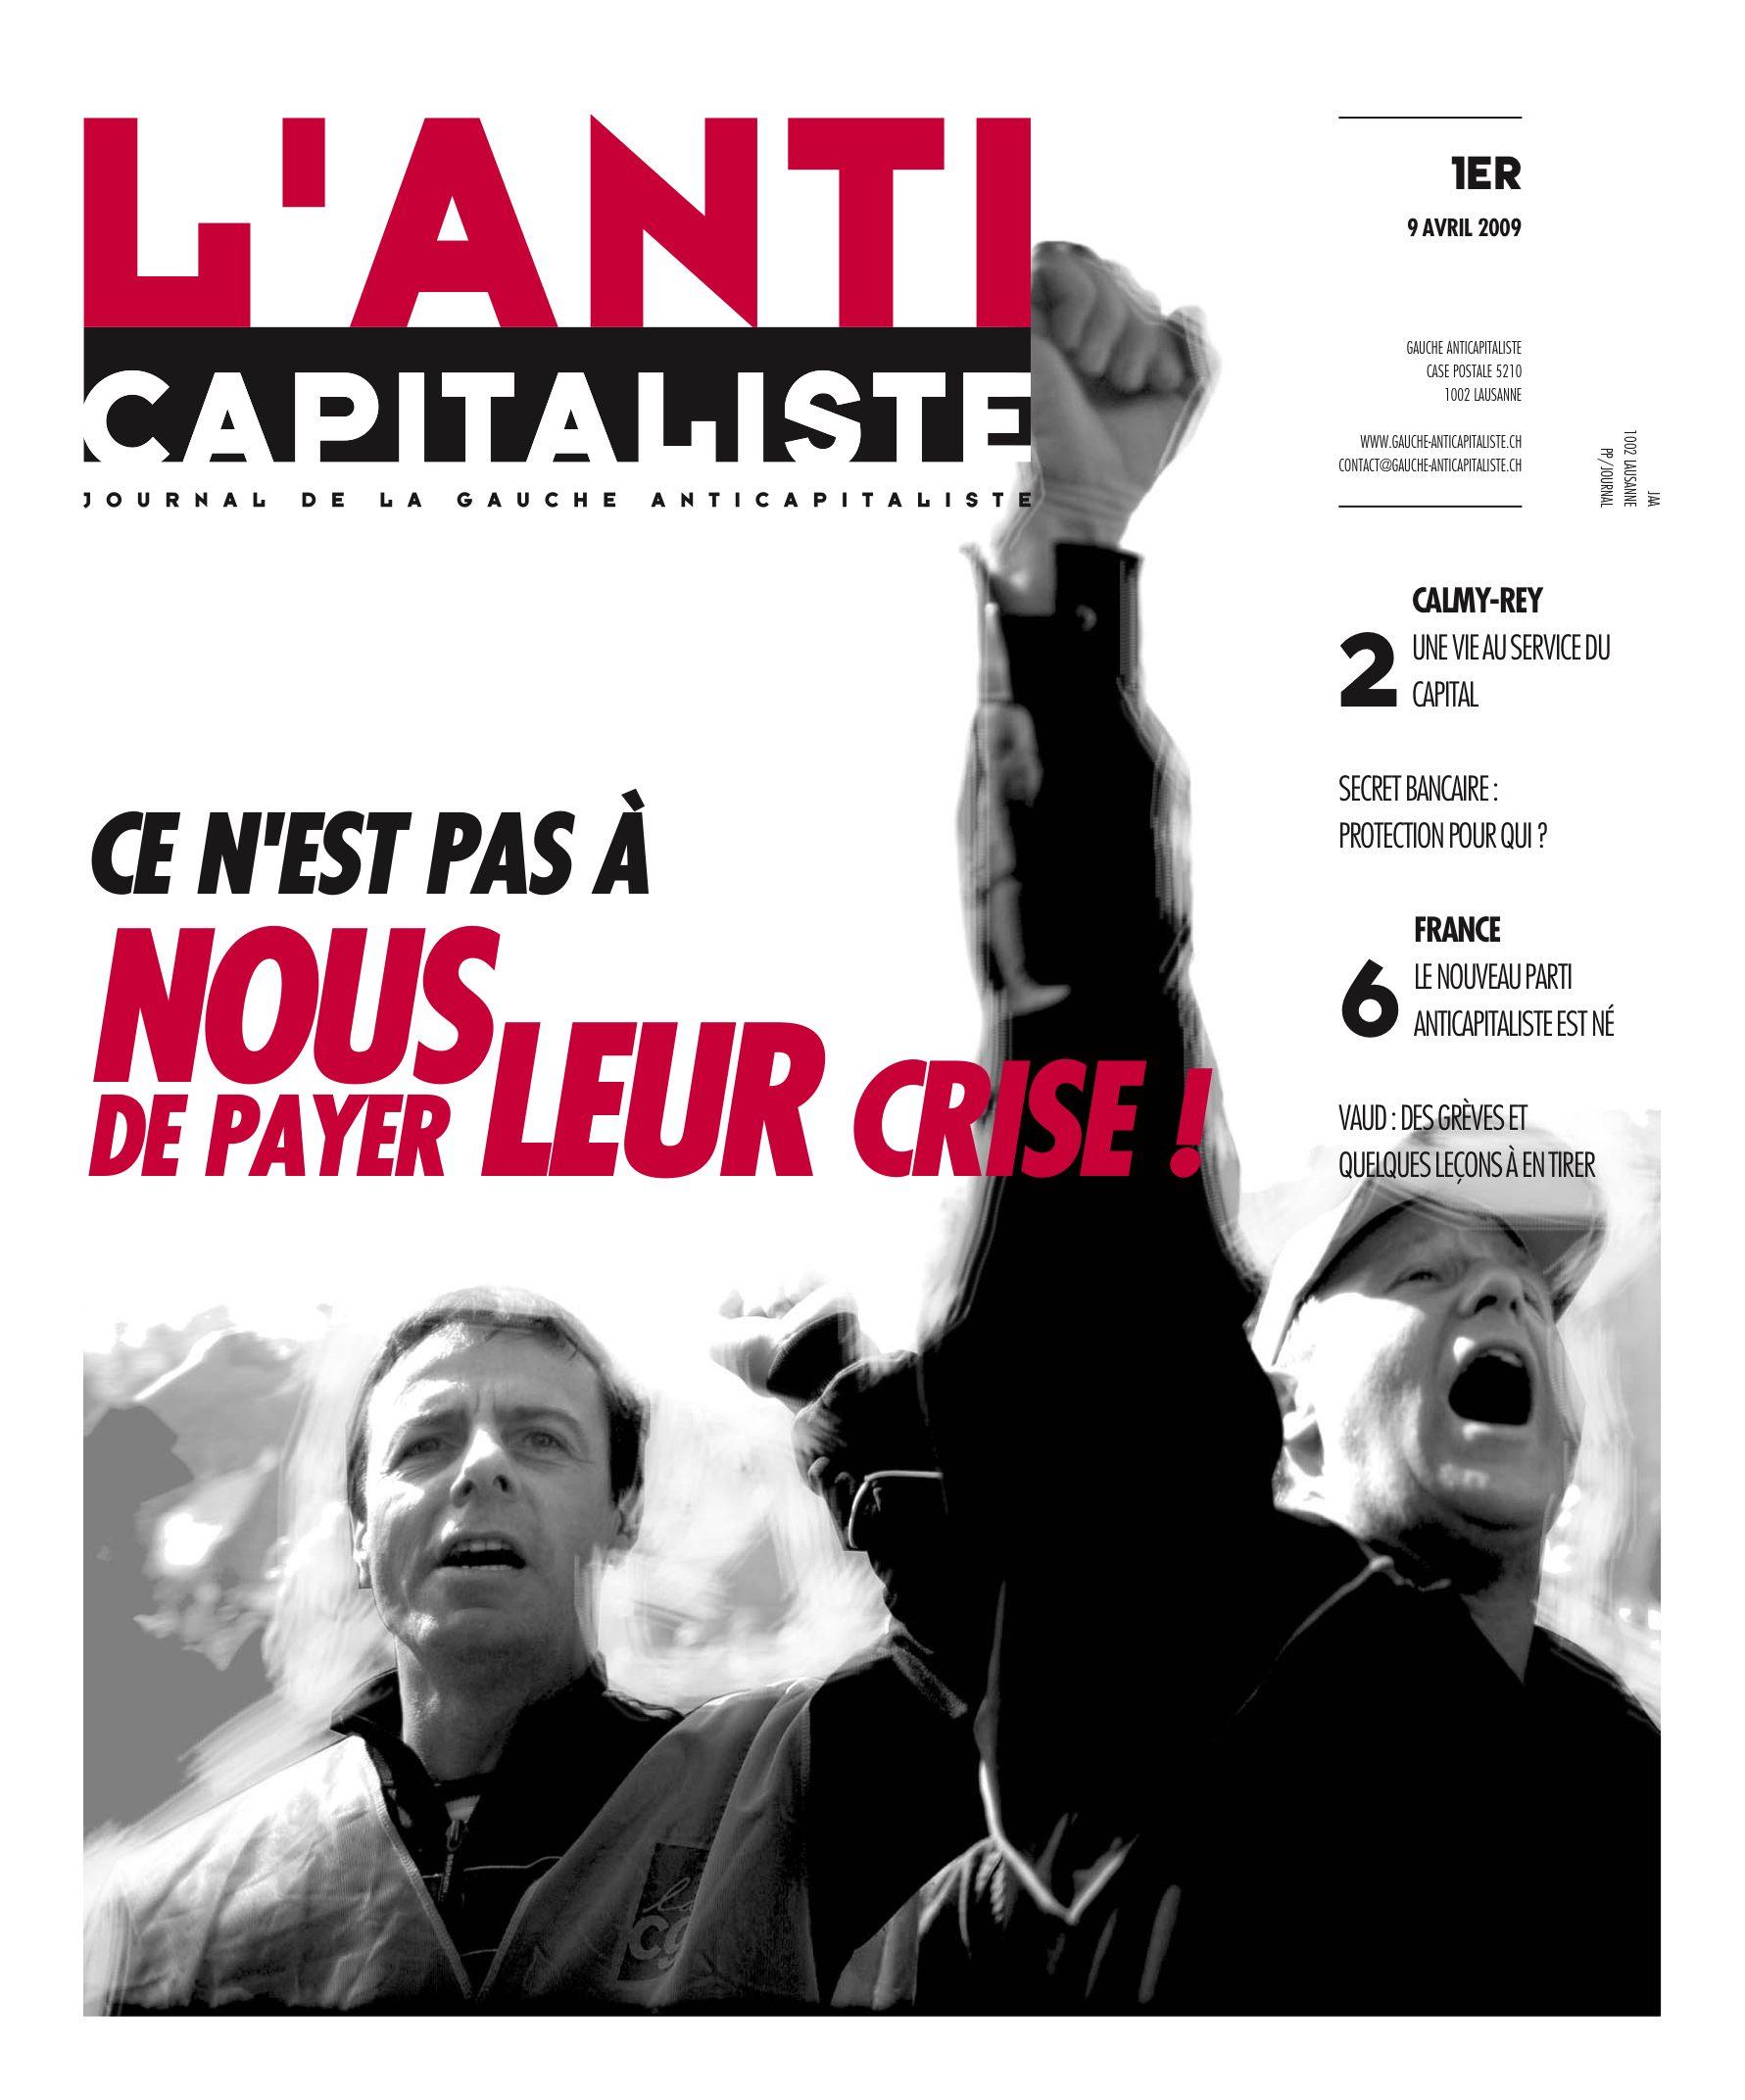 http://www.gauche-anticapitaliste.ch/wp-content/uploads/2009/04/la_01_une.jpg